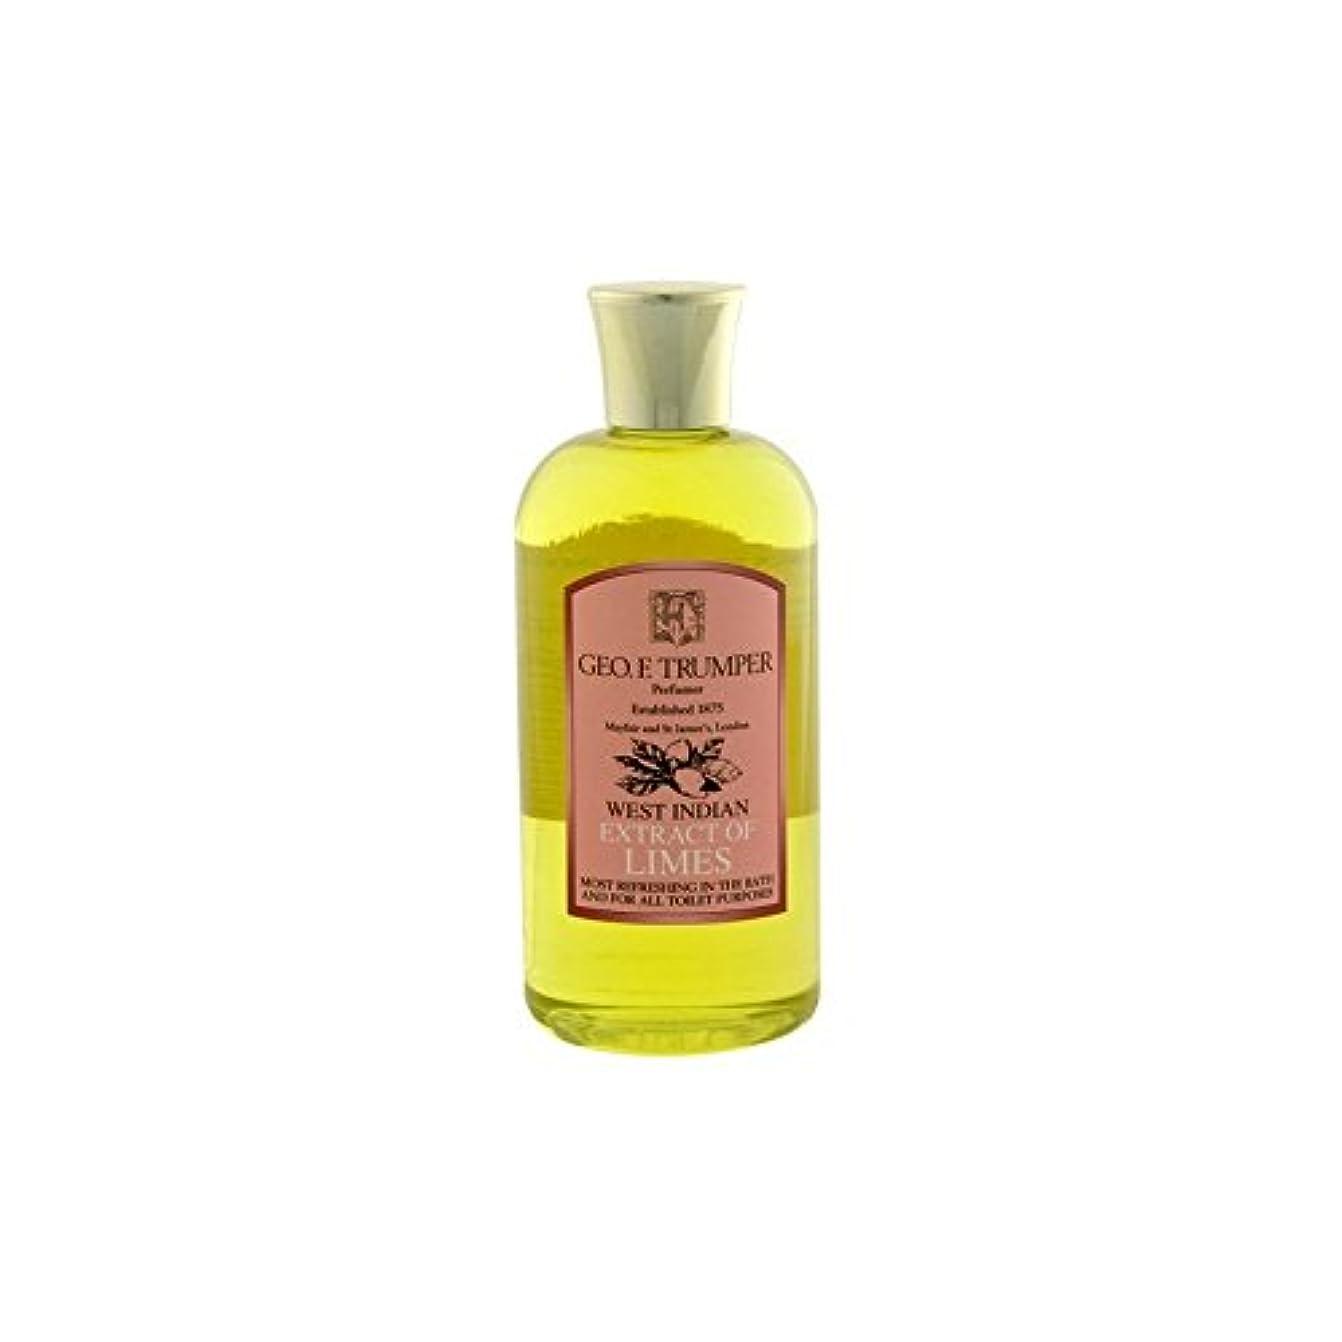 魔女イノセンス静かにライムのバス&シャワージェル - 500ミリリットル旅 x4 - Trumpers Limes Bath & Shower Gel - 500ml Travel (Pack of 4) [並行輸入品]